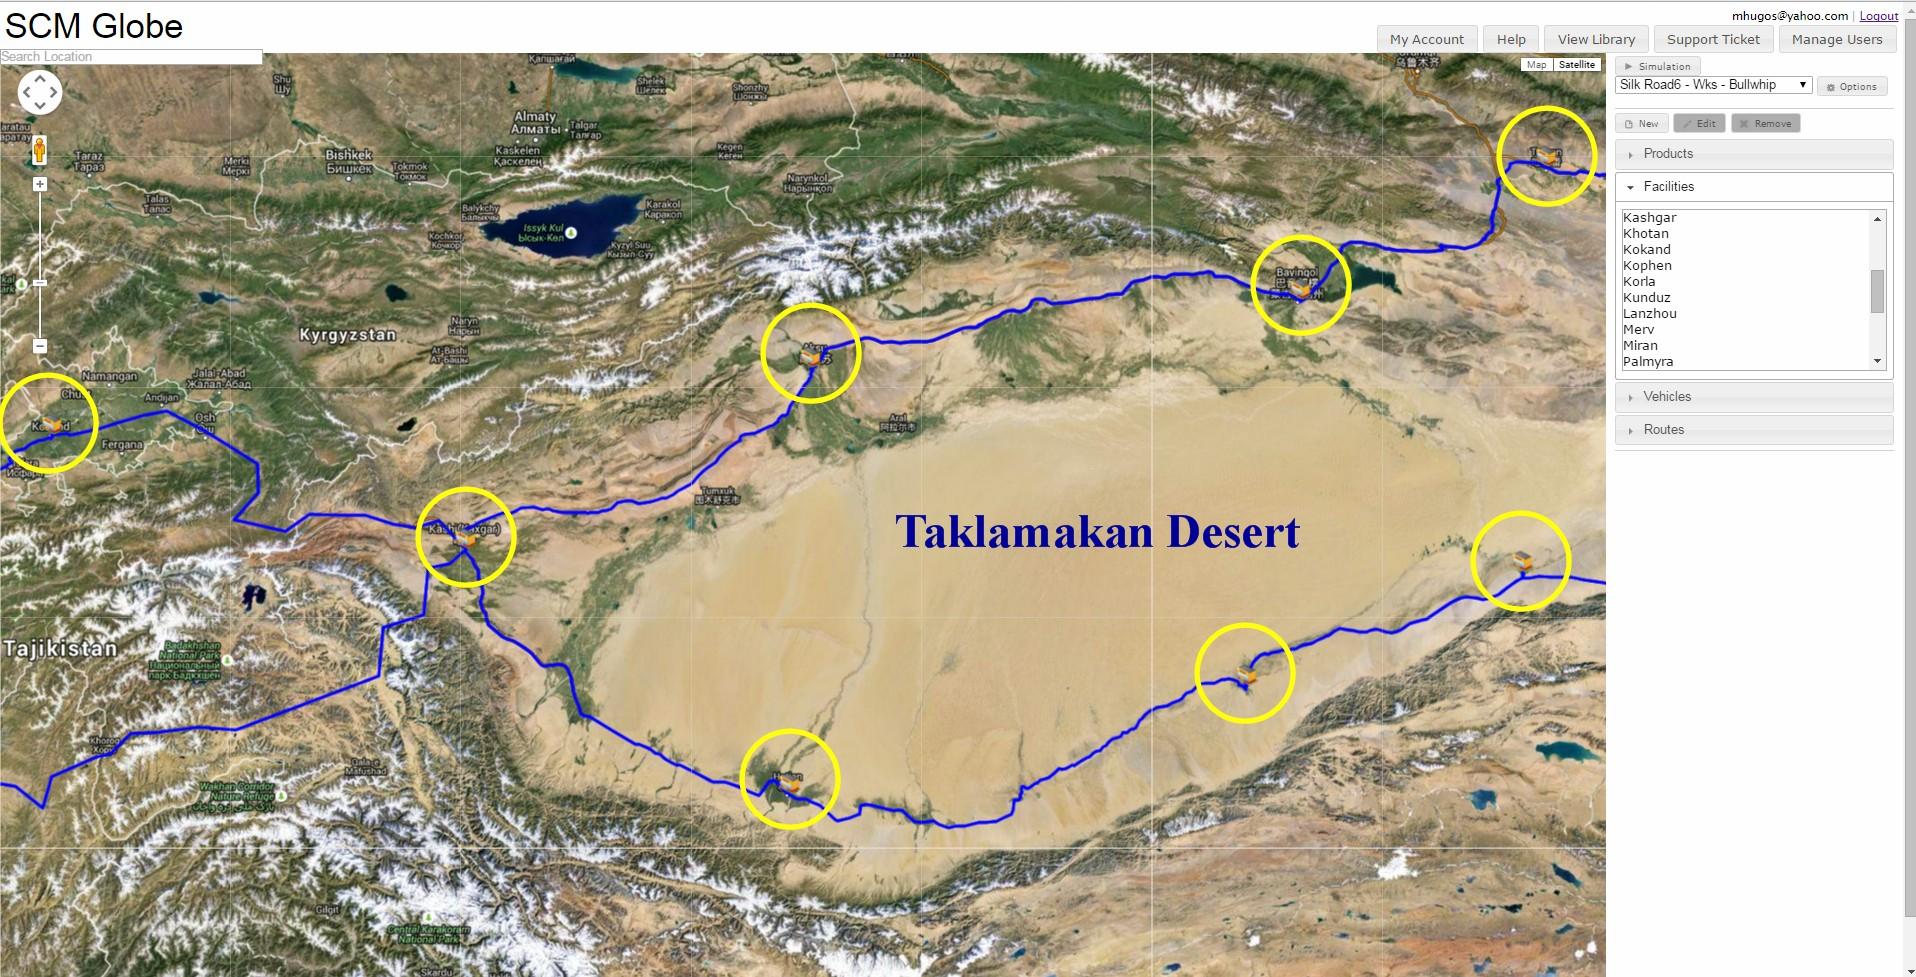 Take2- routes